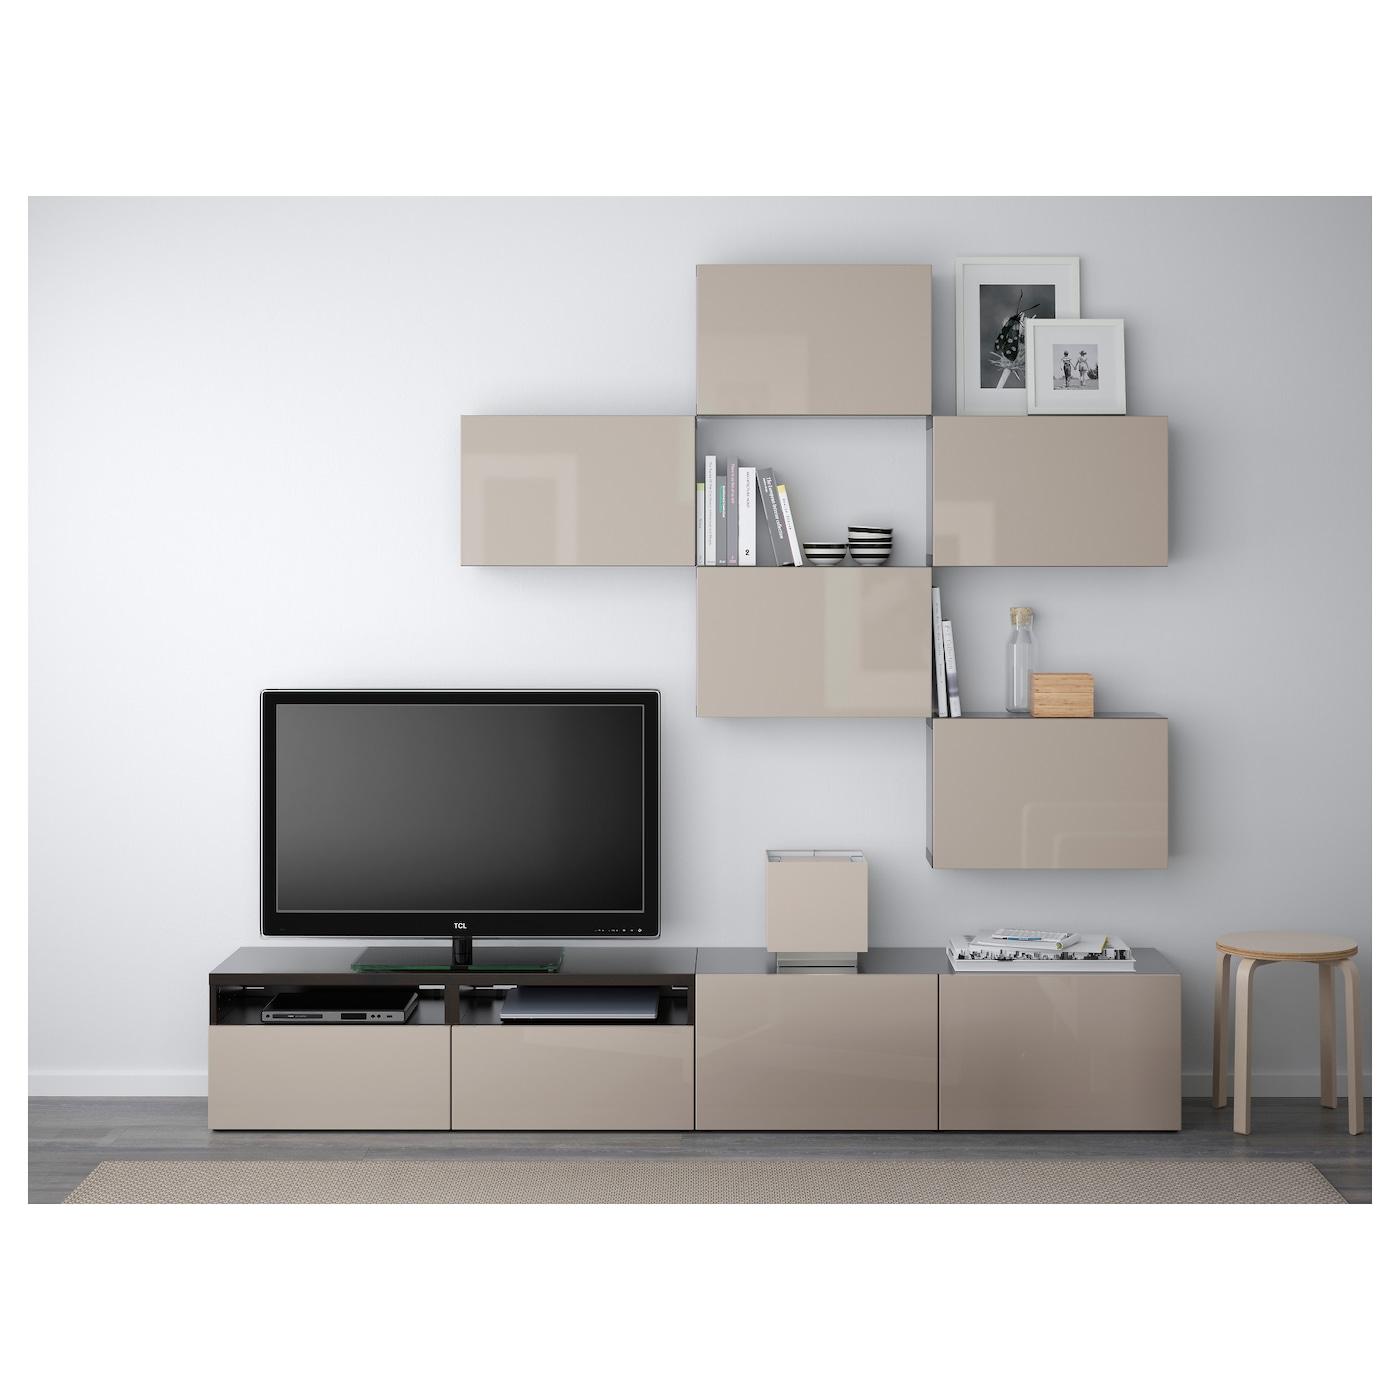 meuble tv connecte meubles de design d 39 inspiration pour la t l vision et d 39 autres. Black Bedroom Furniture Sets. Home Design Ideas